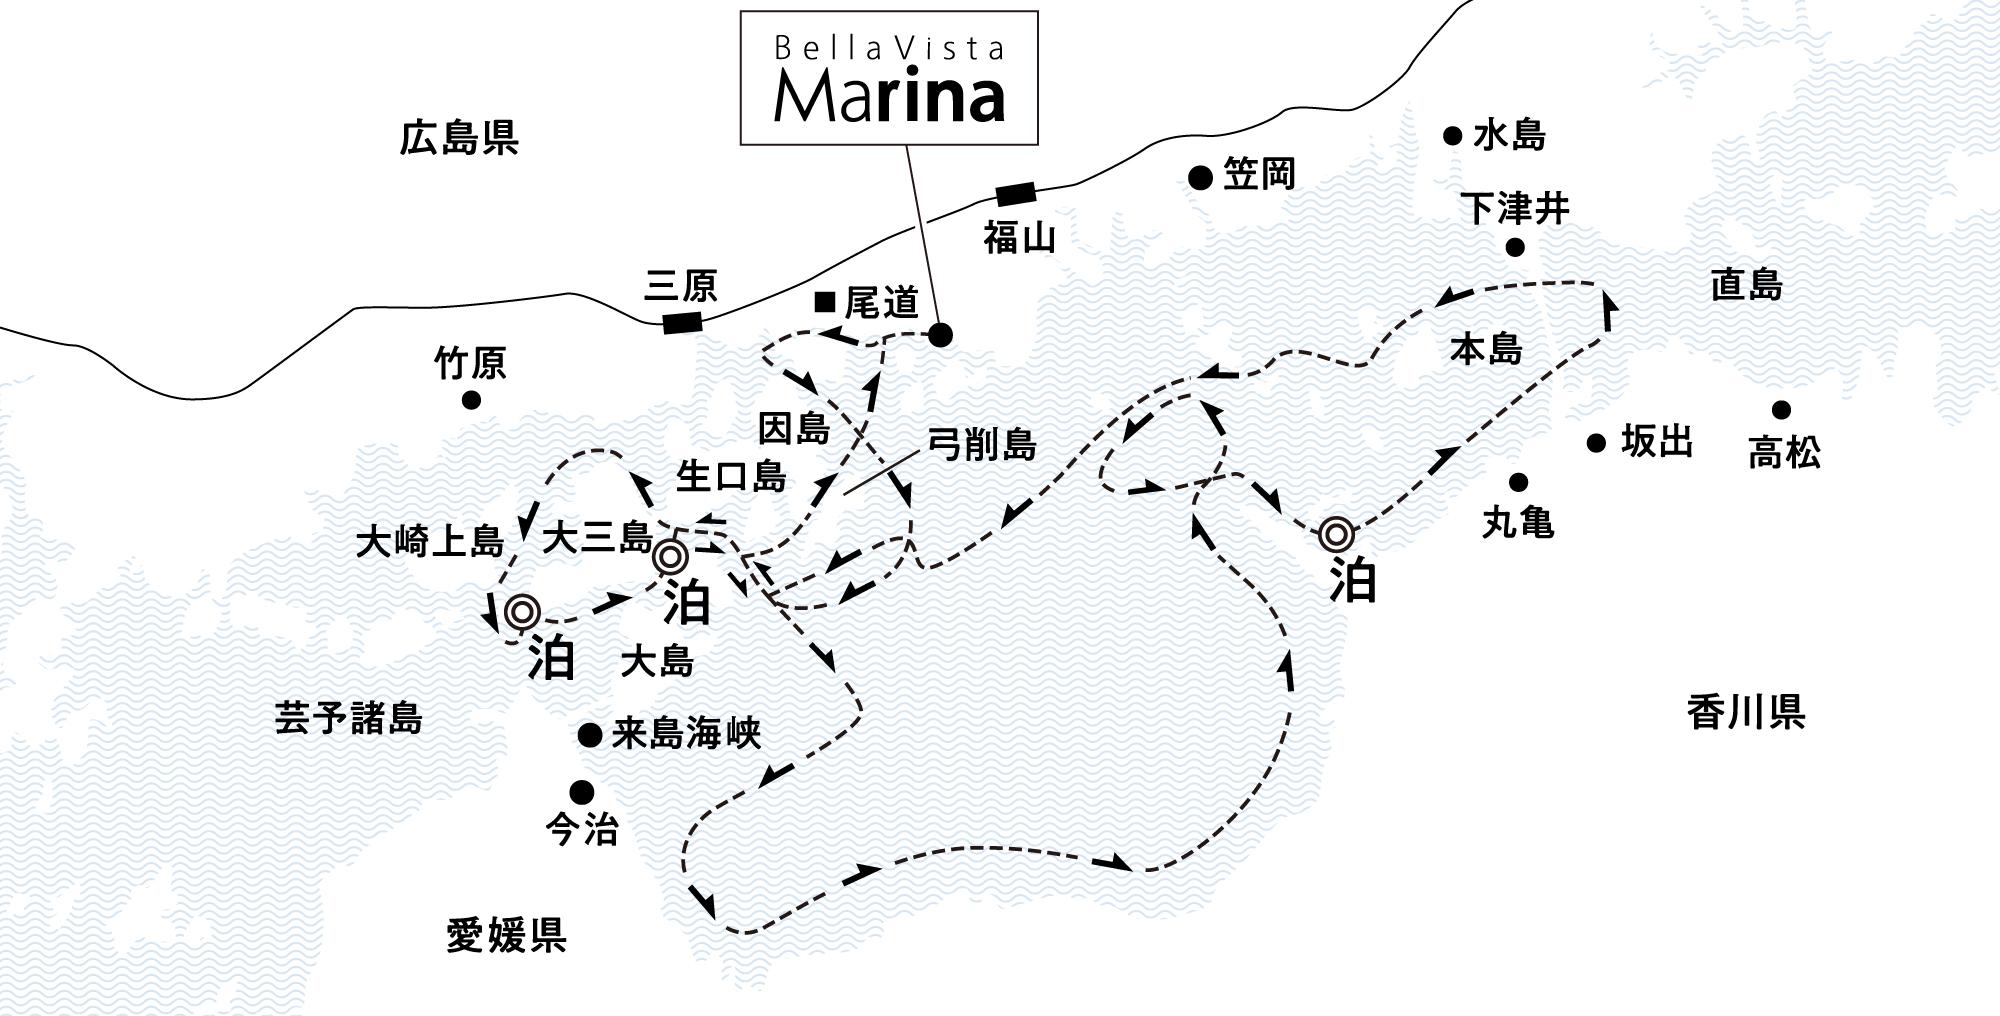 漂泊する旅の本質を味わう 伯方島沖・詫間湾・大三島沖錨泊4日間